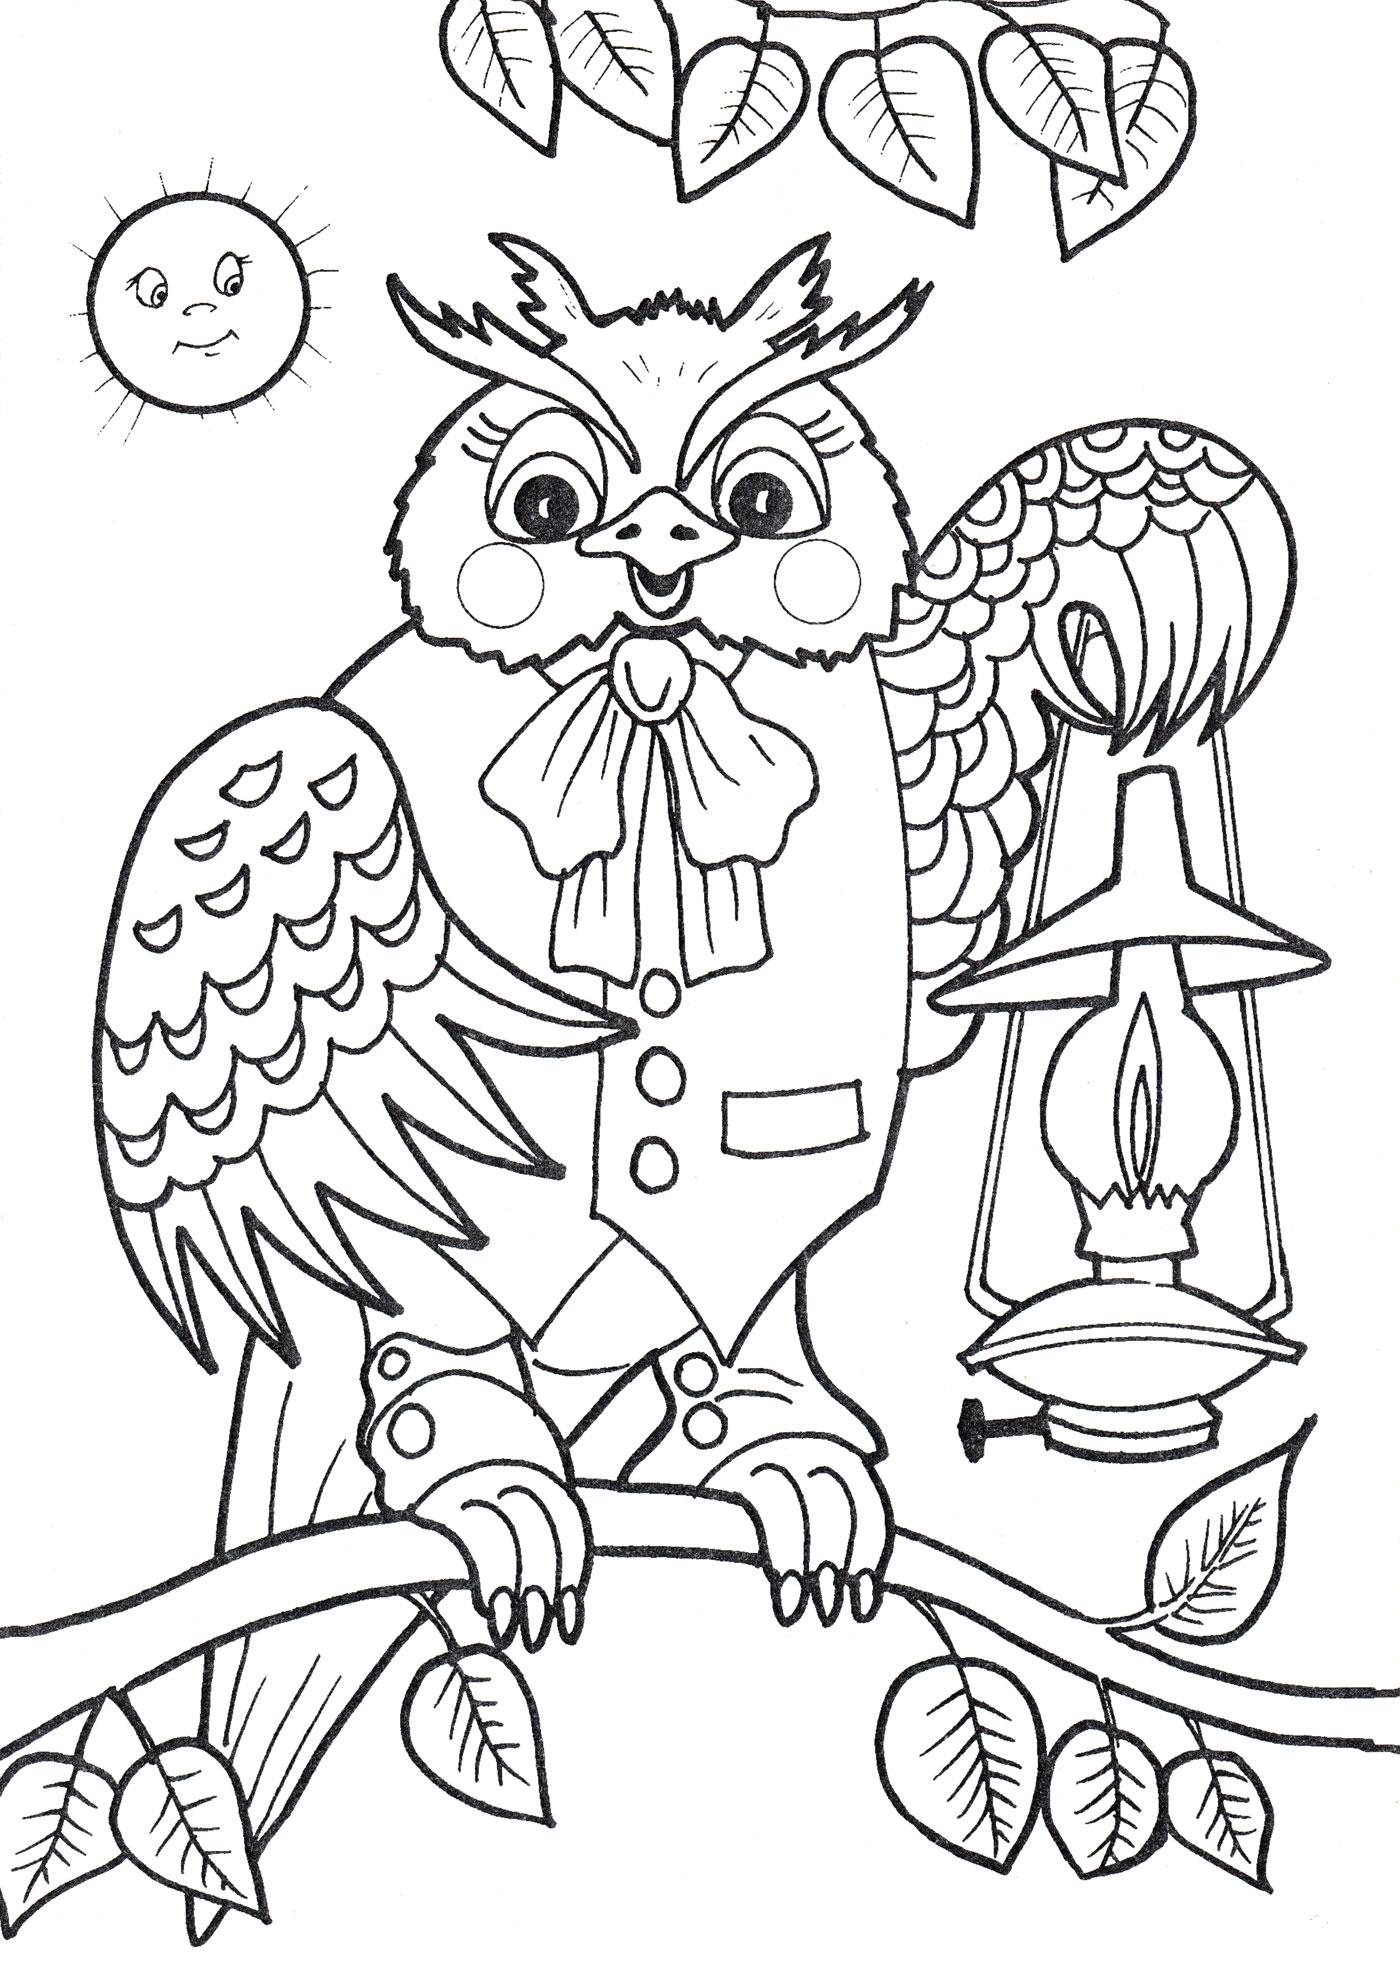 Раскраска Сова с фонарем - распечатать бесплатно